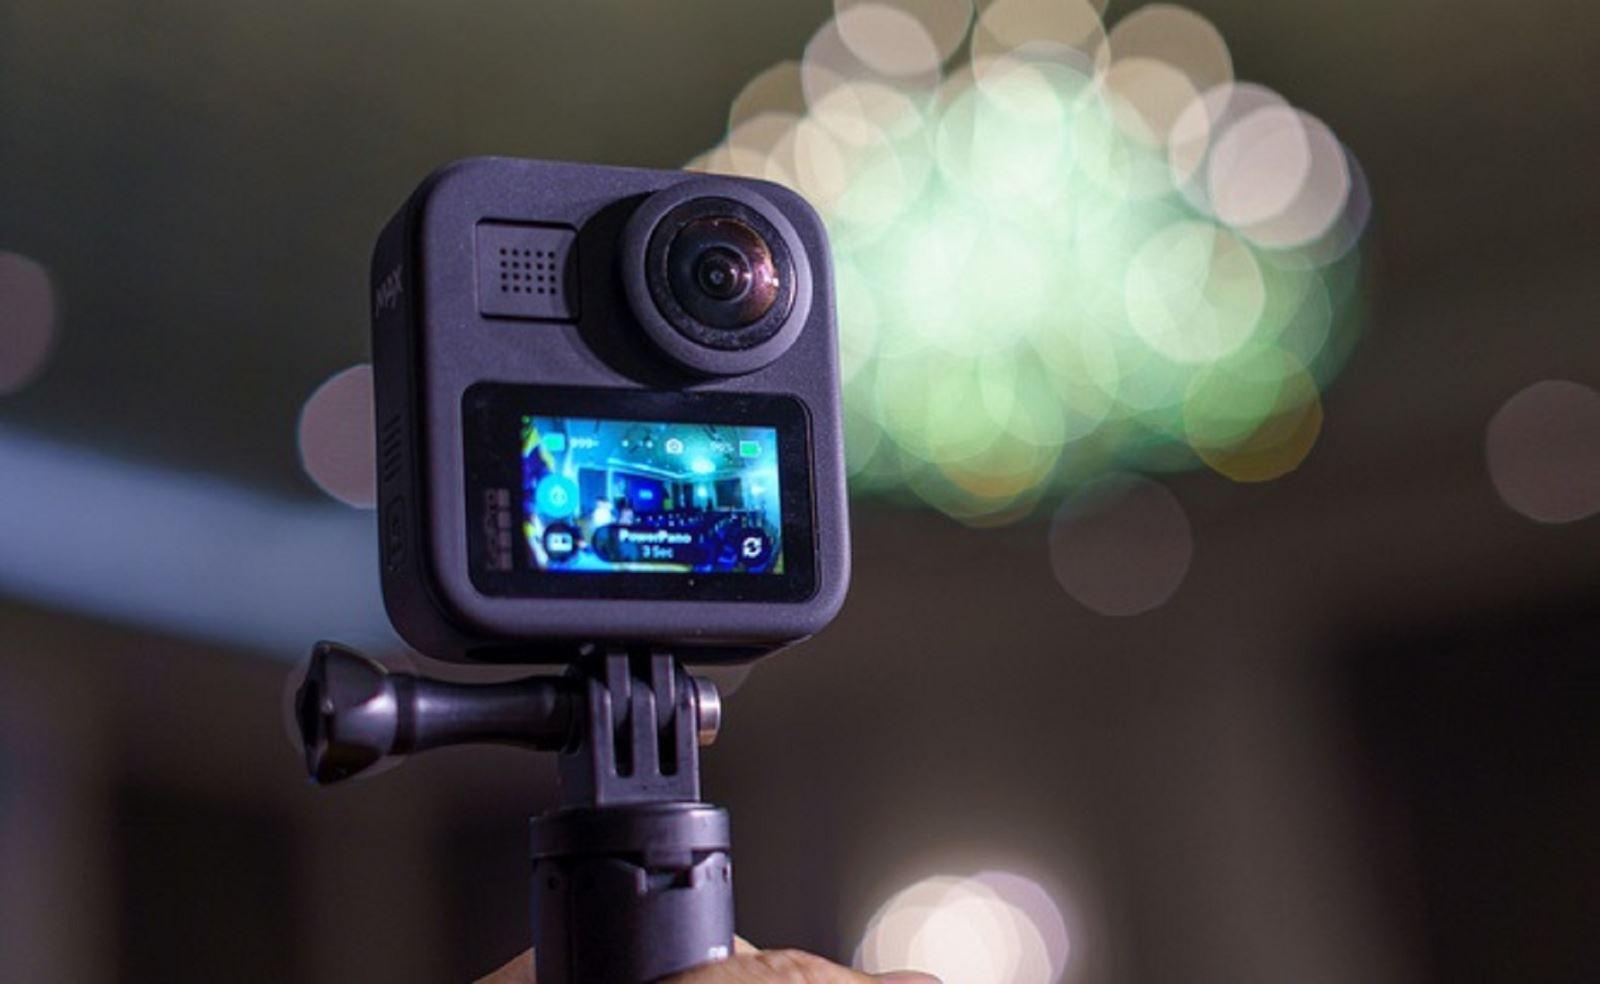 Trên tayGoPro Max: mẫu action cam 3 trong 1, giá 12,99 triệu đồng